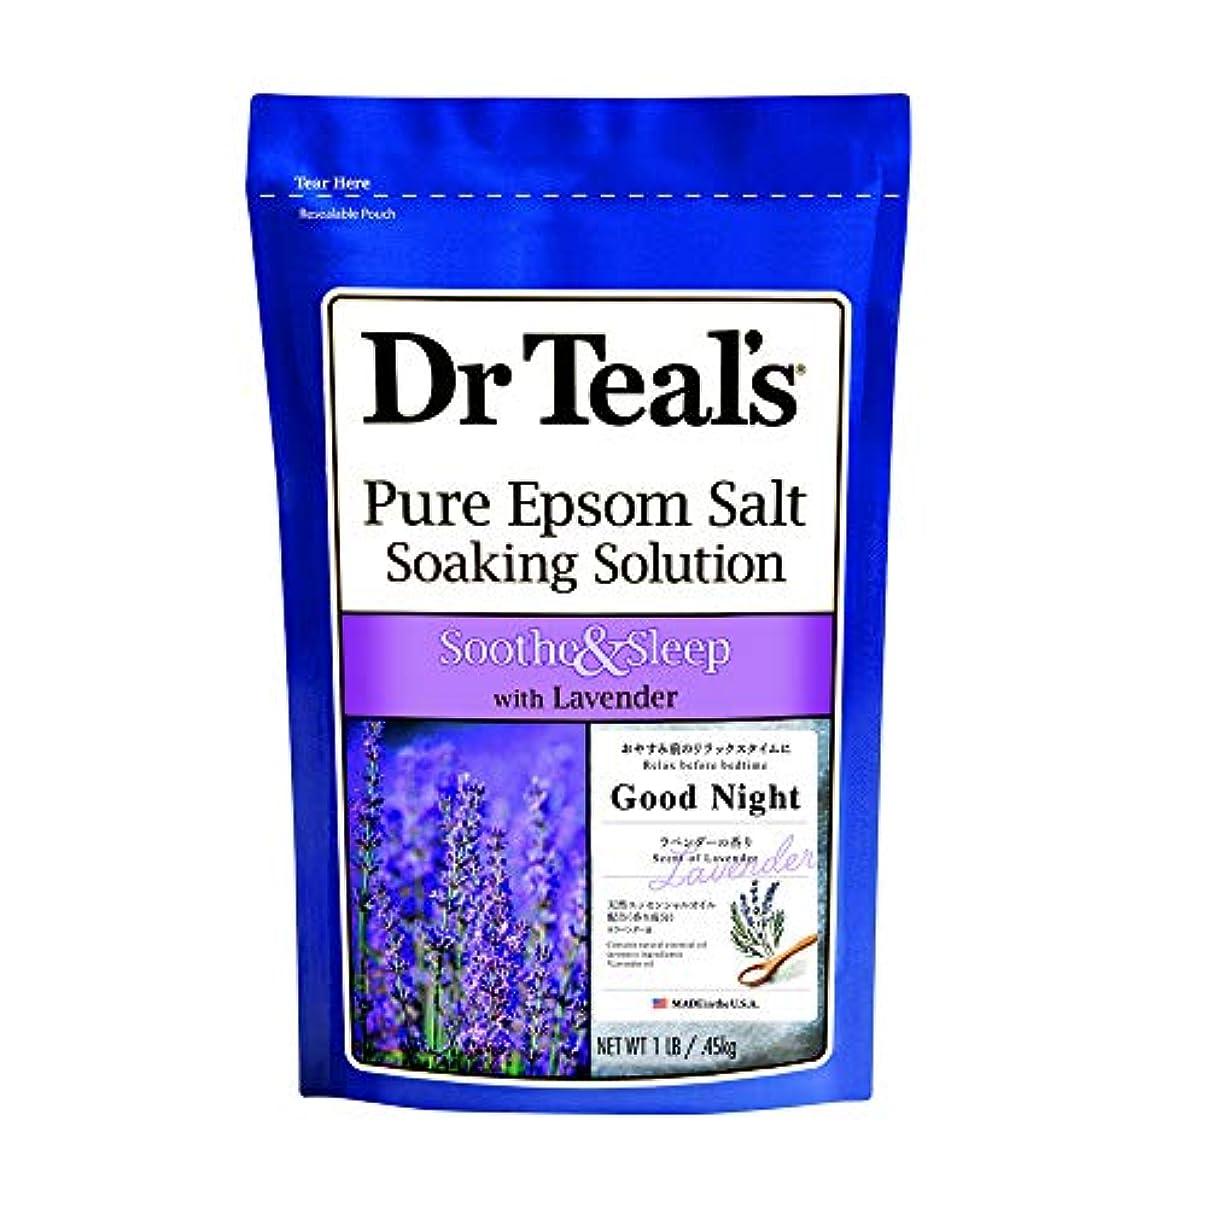 頭痛扱いやすいぞっとするようなDr Teal's(ティールズ) フレグランスエプソムソルト ラベンダー 入浴剤 453g